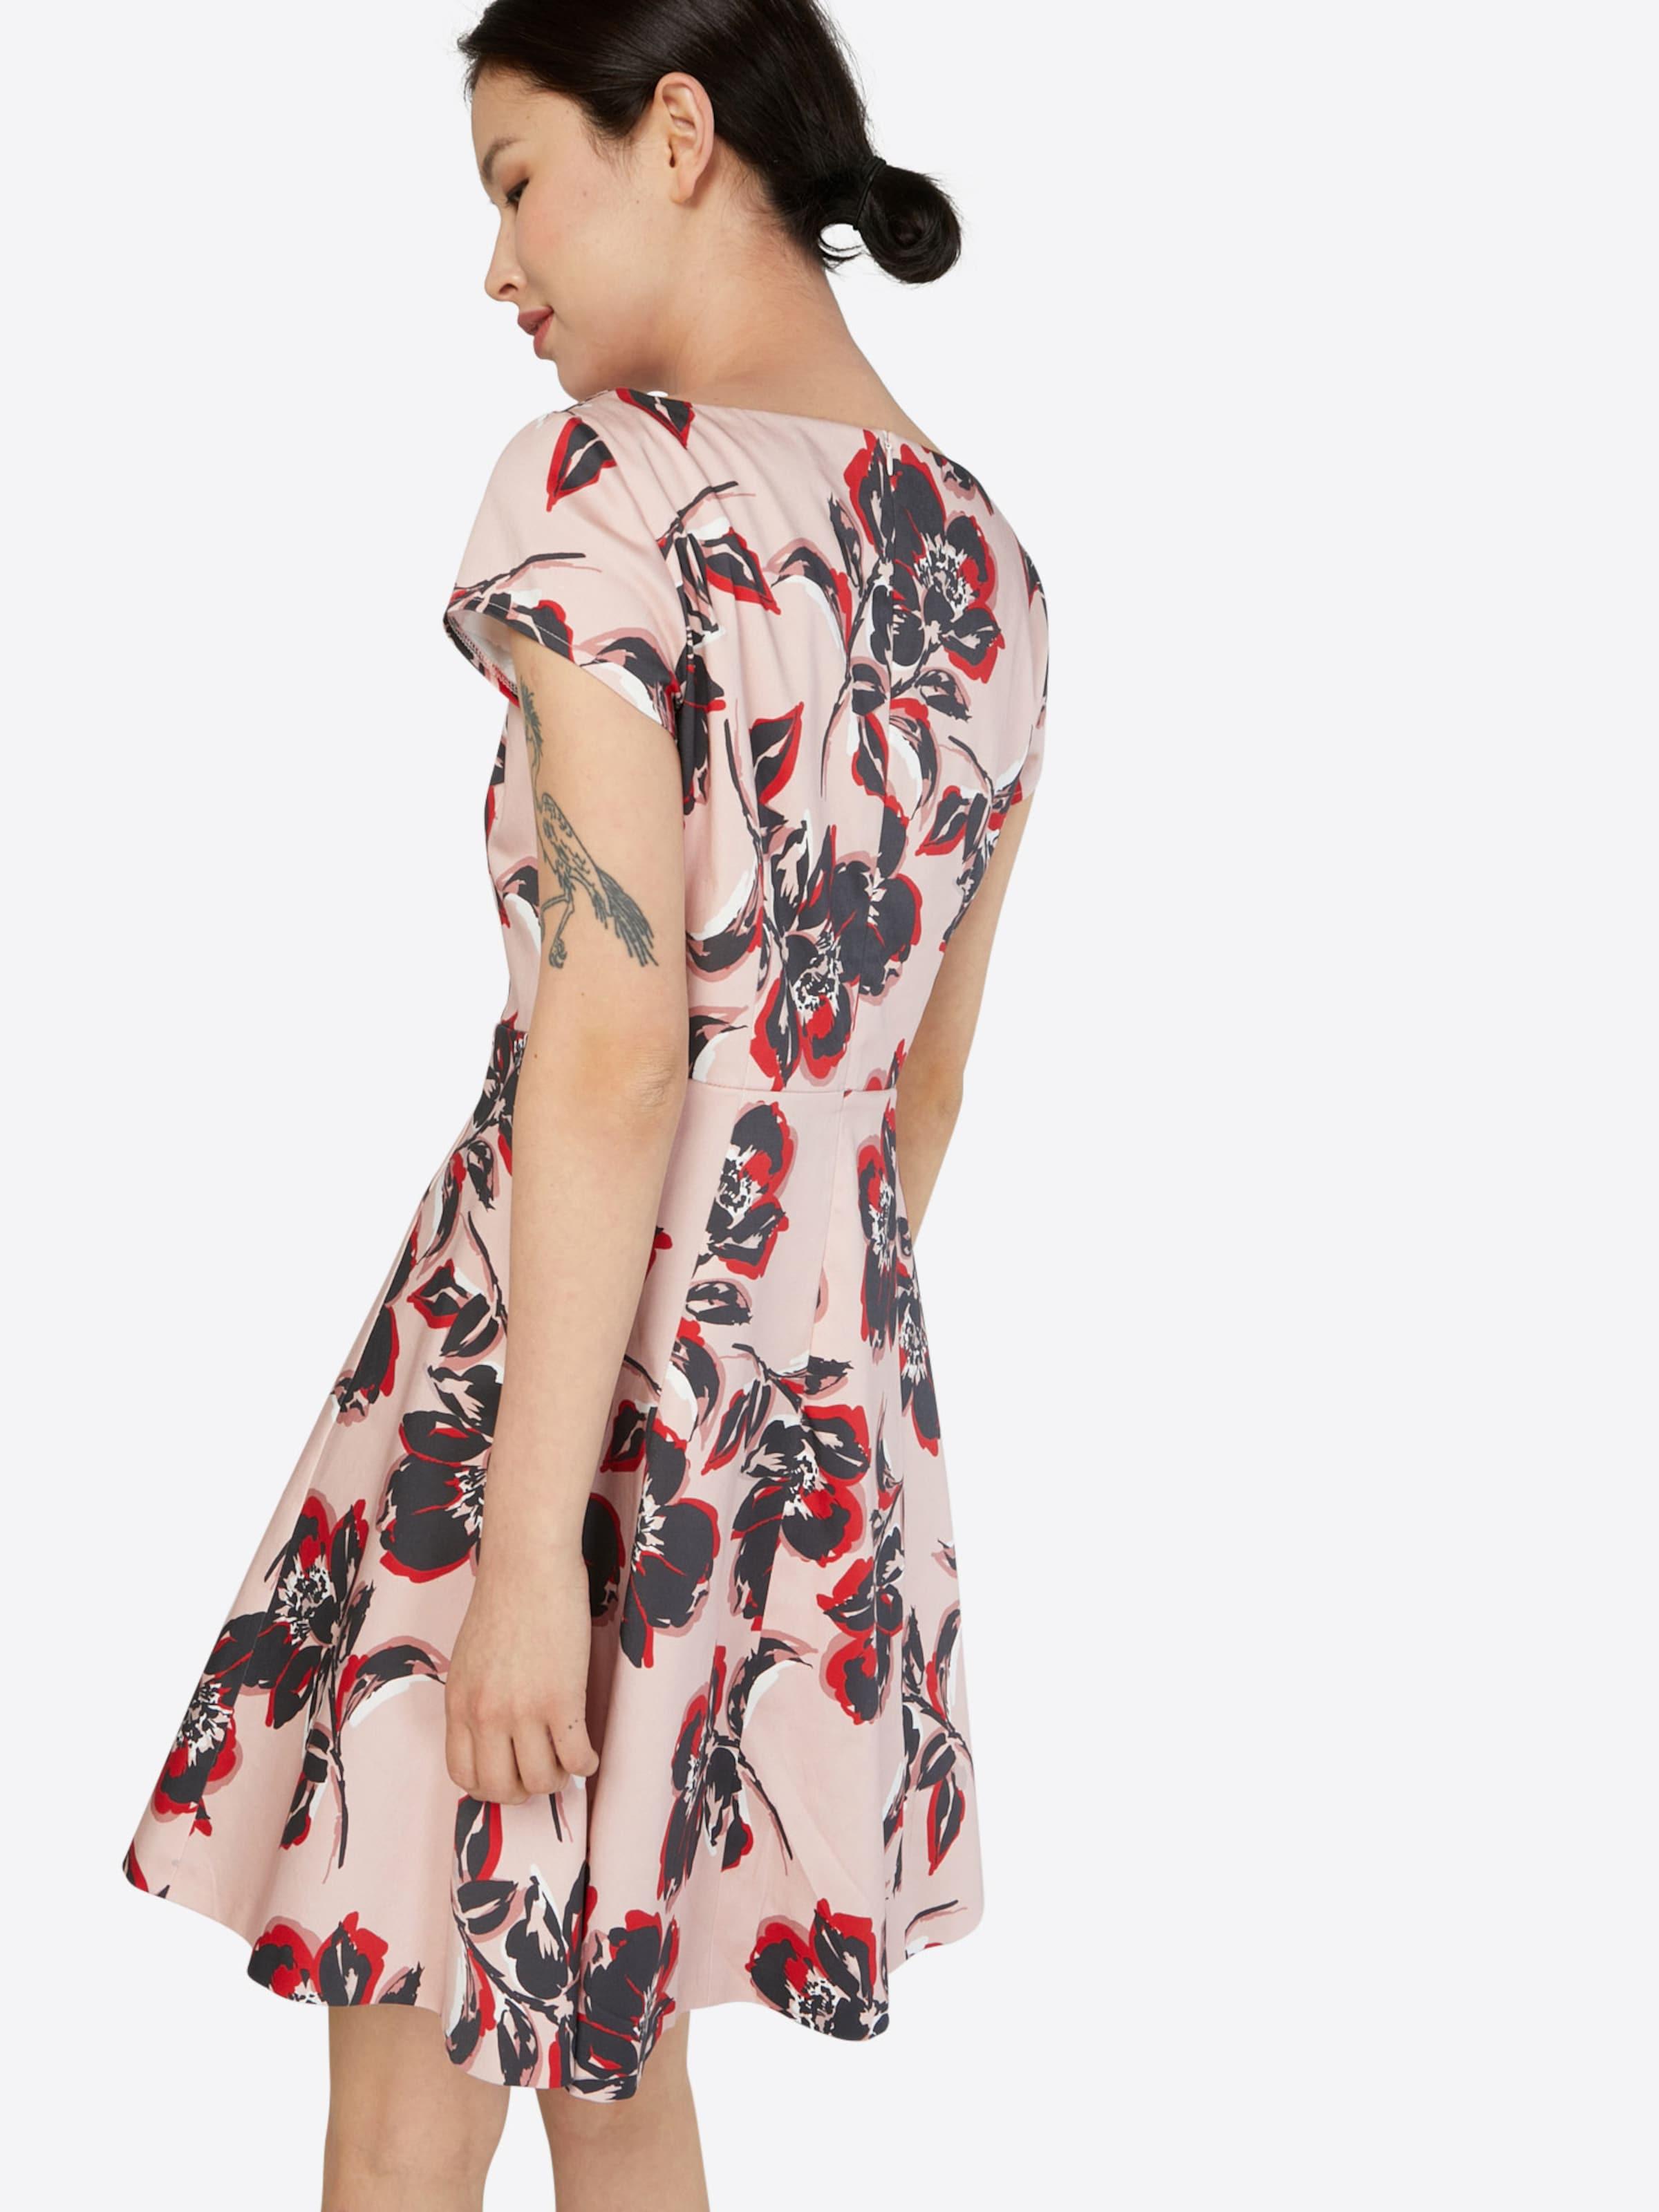 Vera Vera Kleid Vera Kleid Mont Mont mit Blumenmuster Mont Kleid Blumenmuster mit mit Vera Blumenmuster Hw8xYf